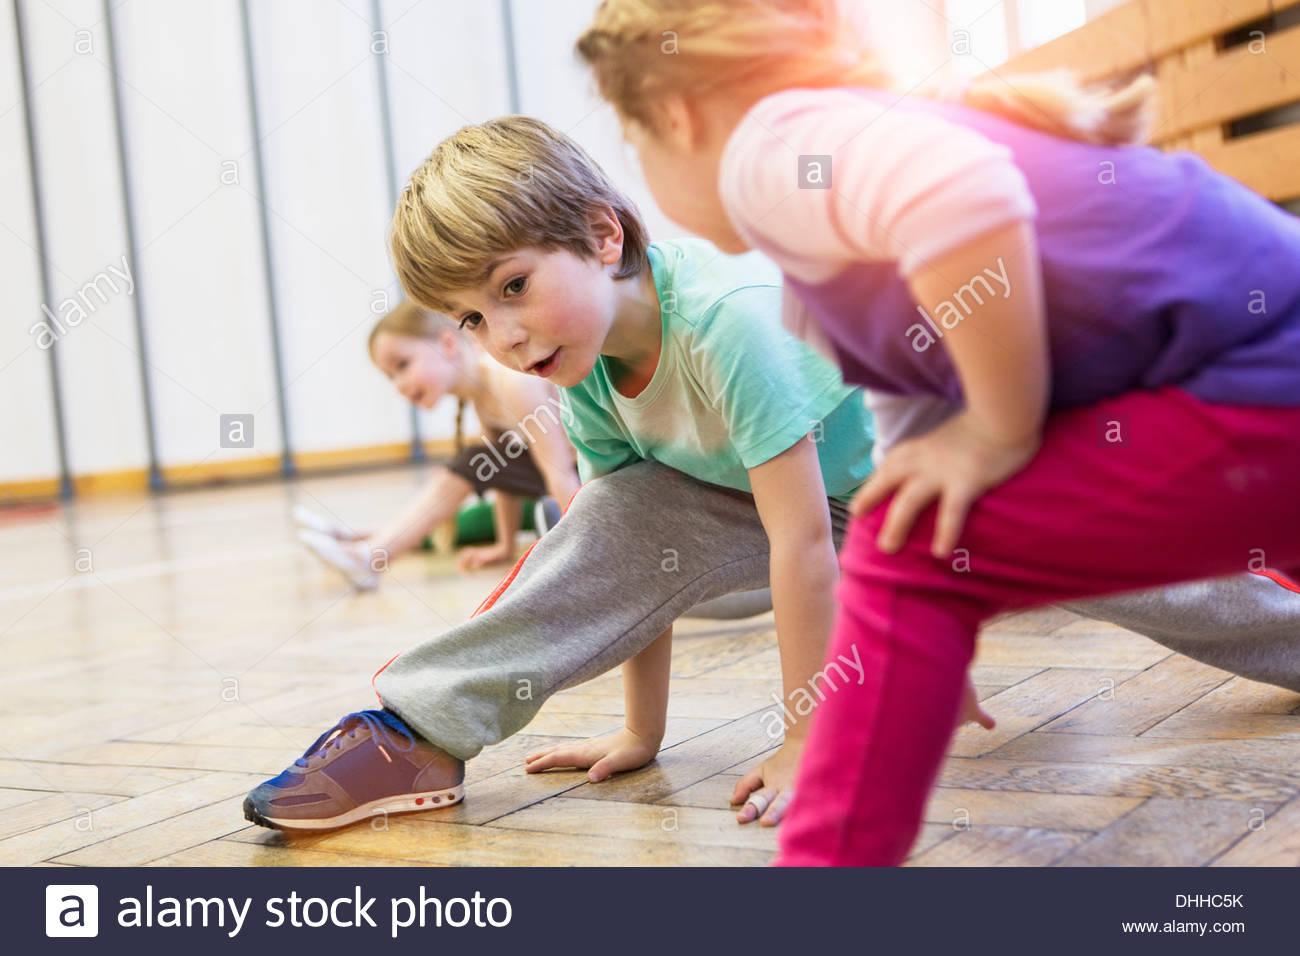 Los niños estiramiento, piernas dobladas, inclinándose hacia delante Imagen De Stock